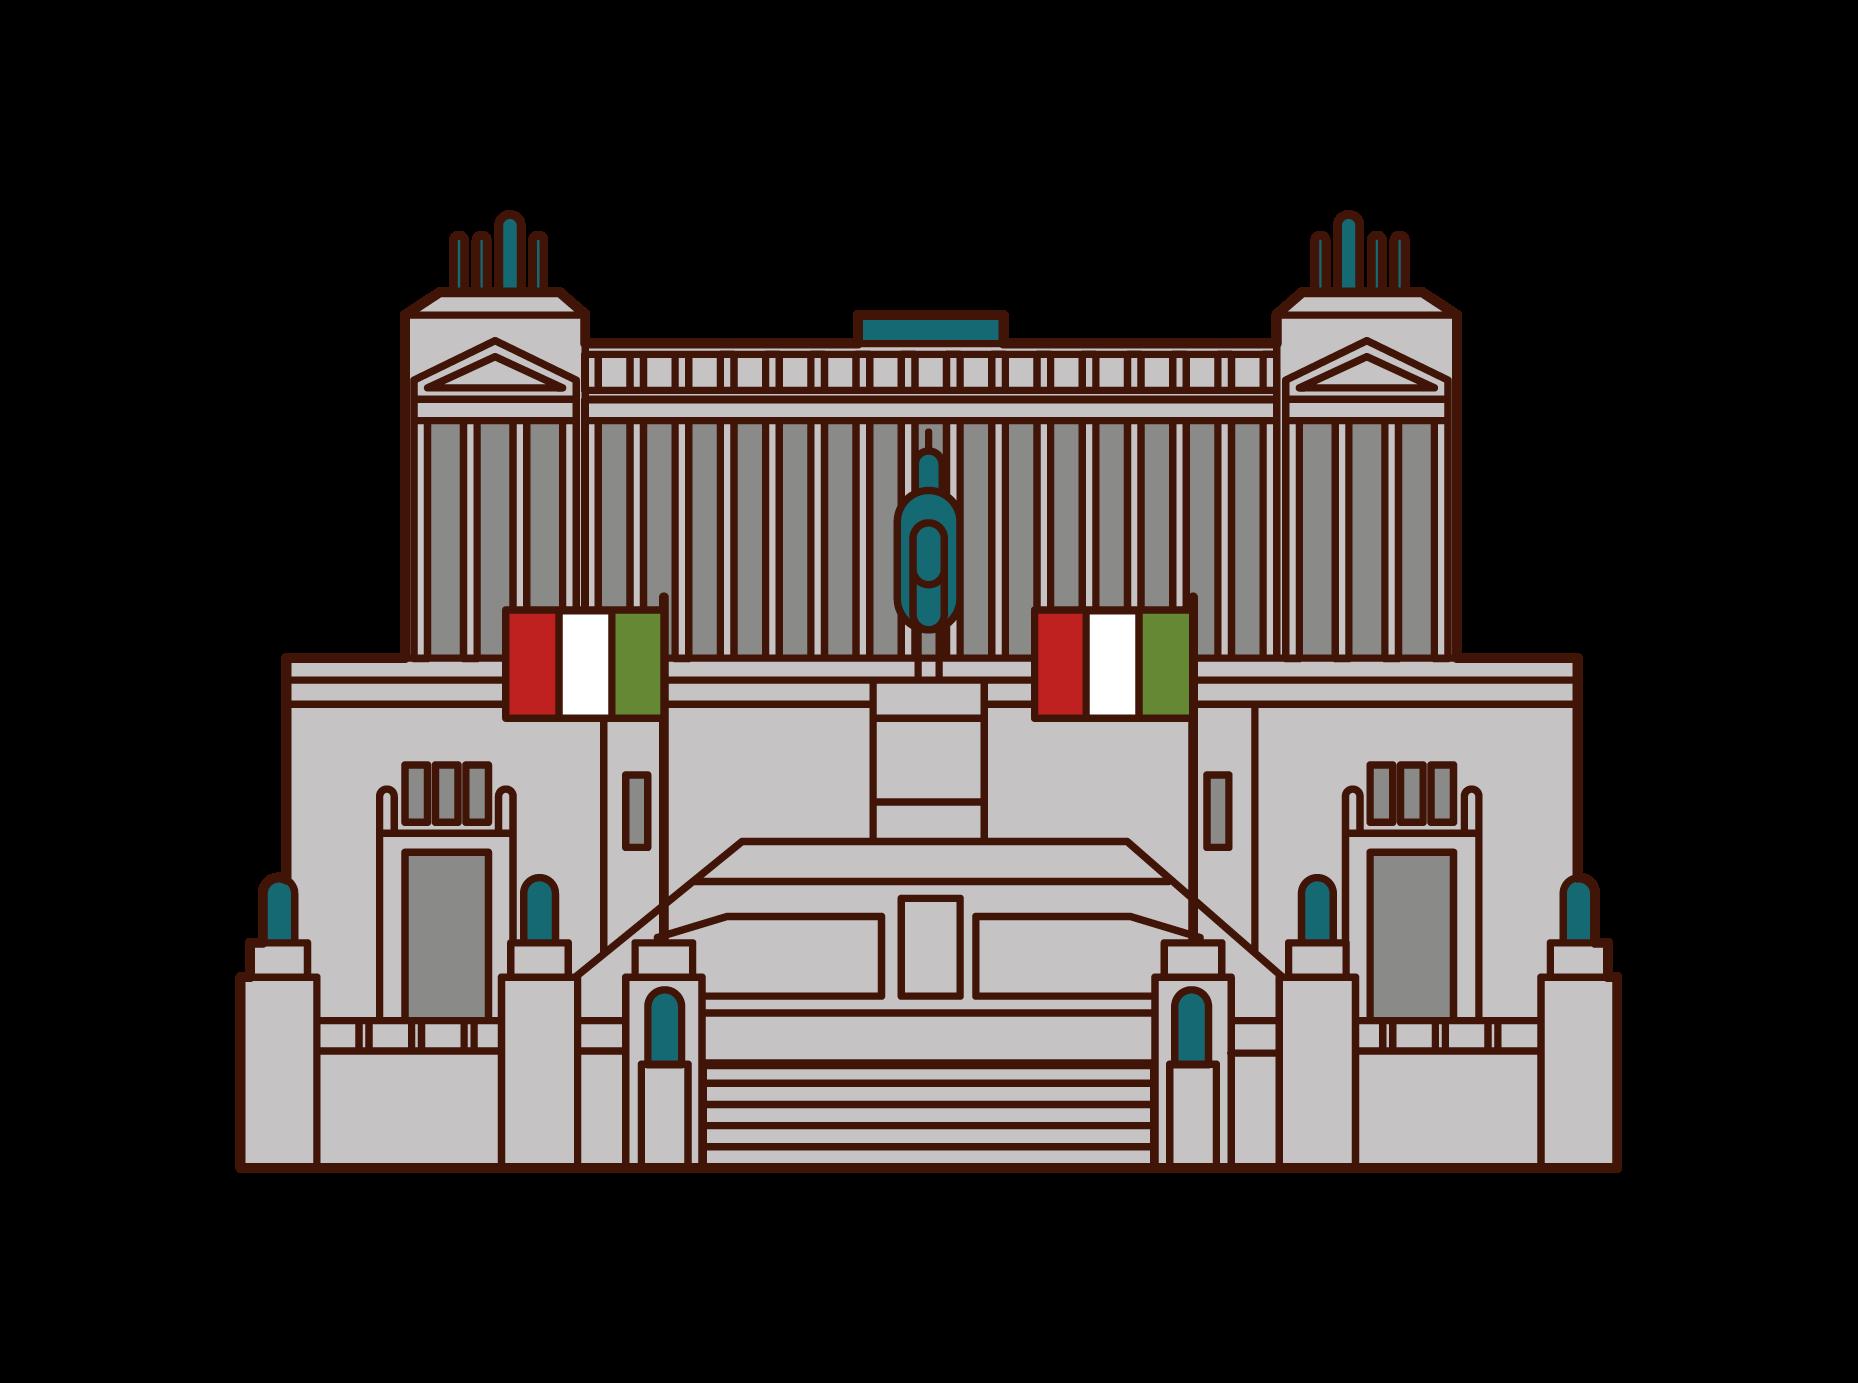 維托里奧·伊曼紐爾二世紀念堂插圖